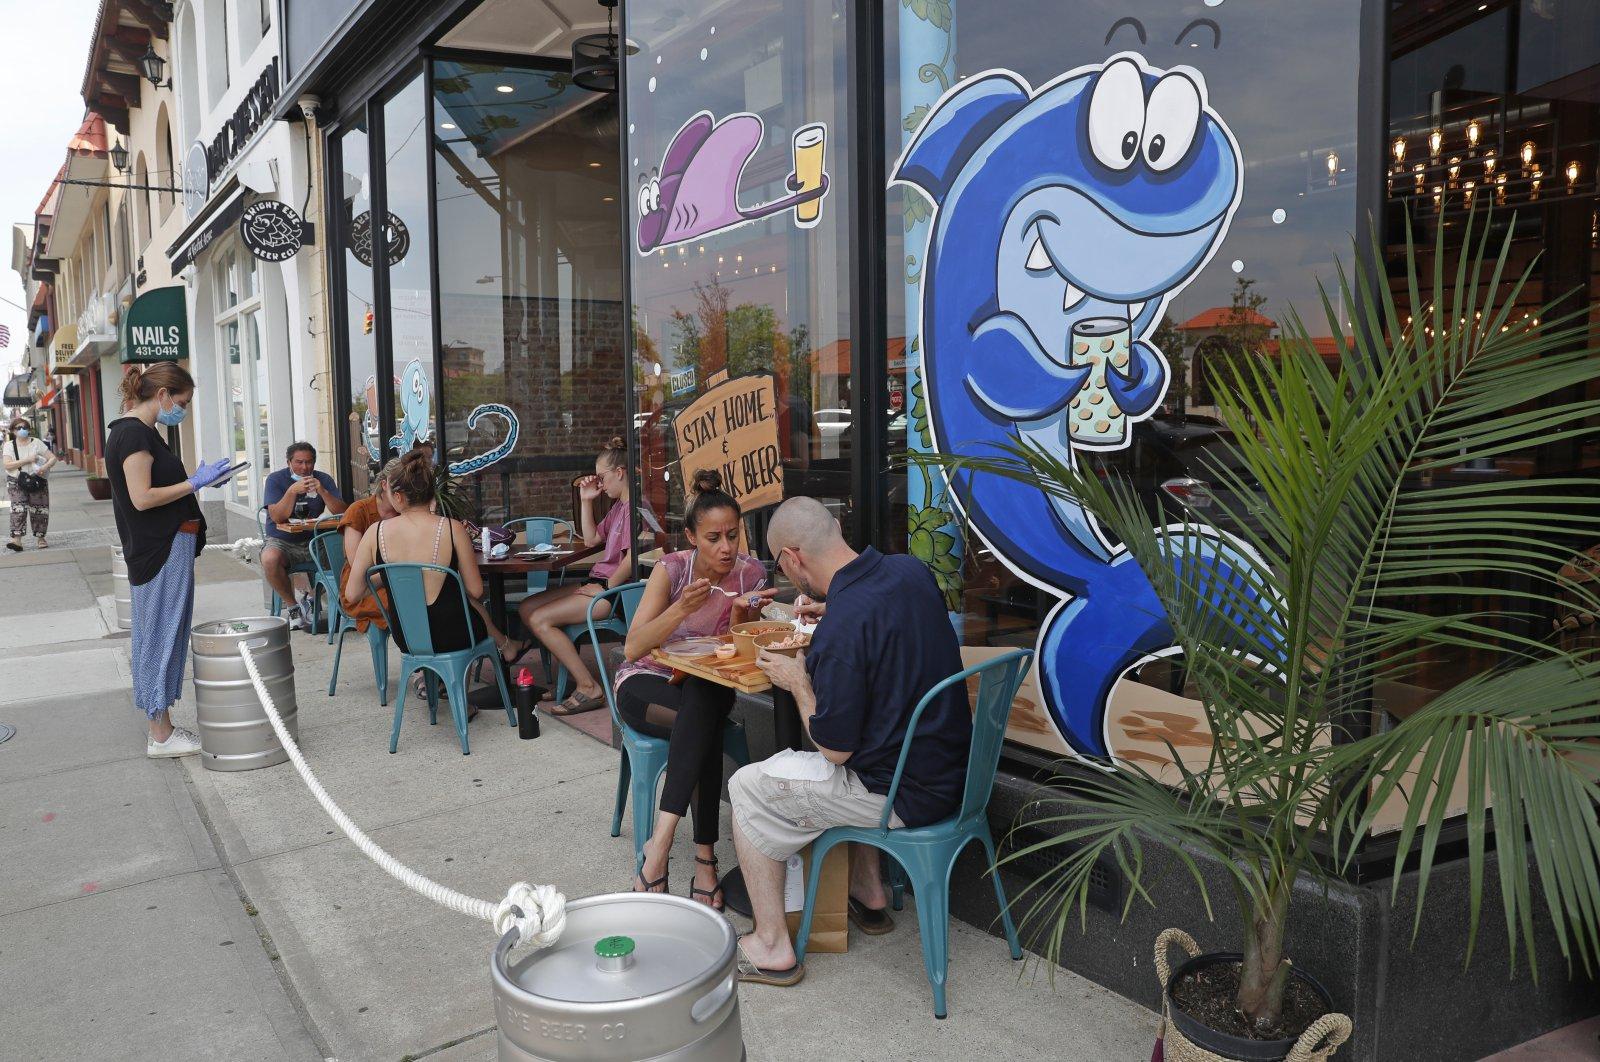 People dine and drink outdoors, Long Beach, N.Y. June 10, 2020. (AP Photo)